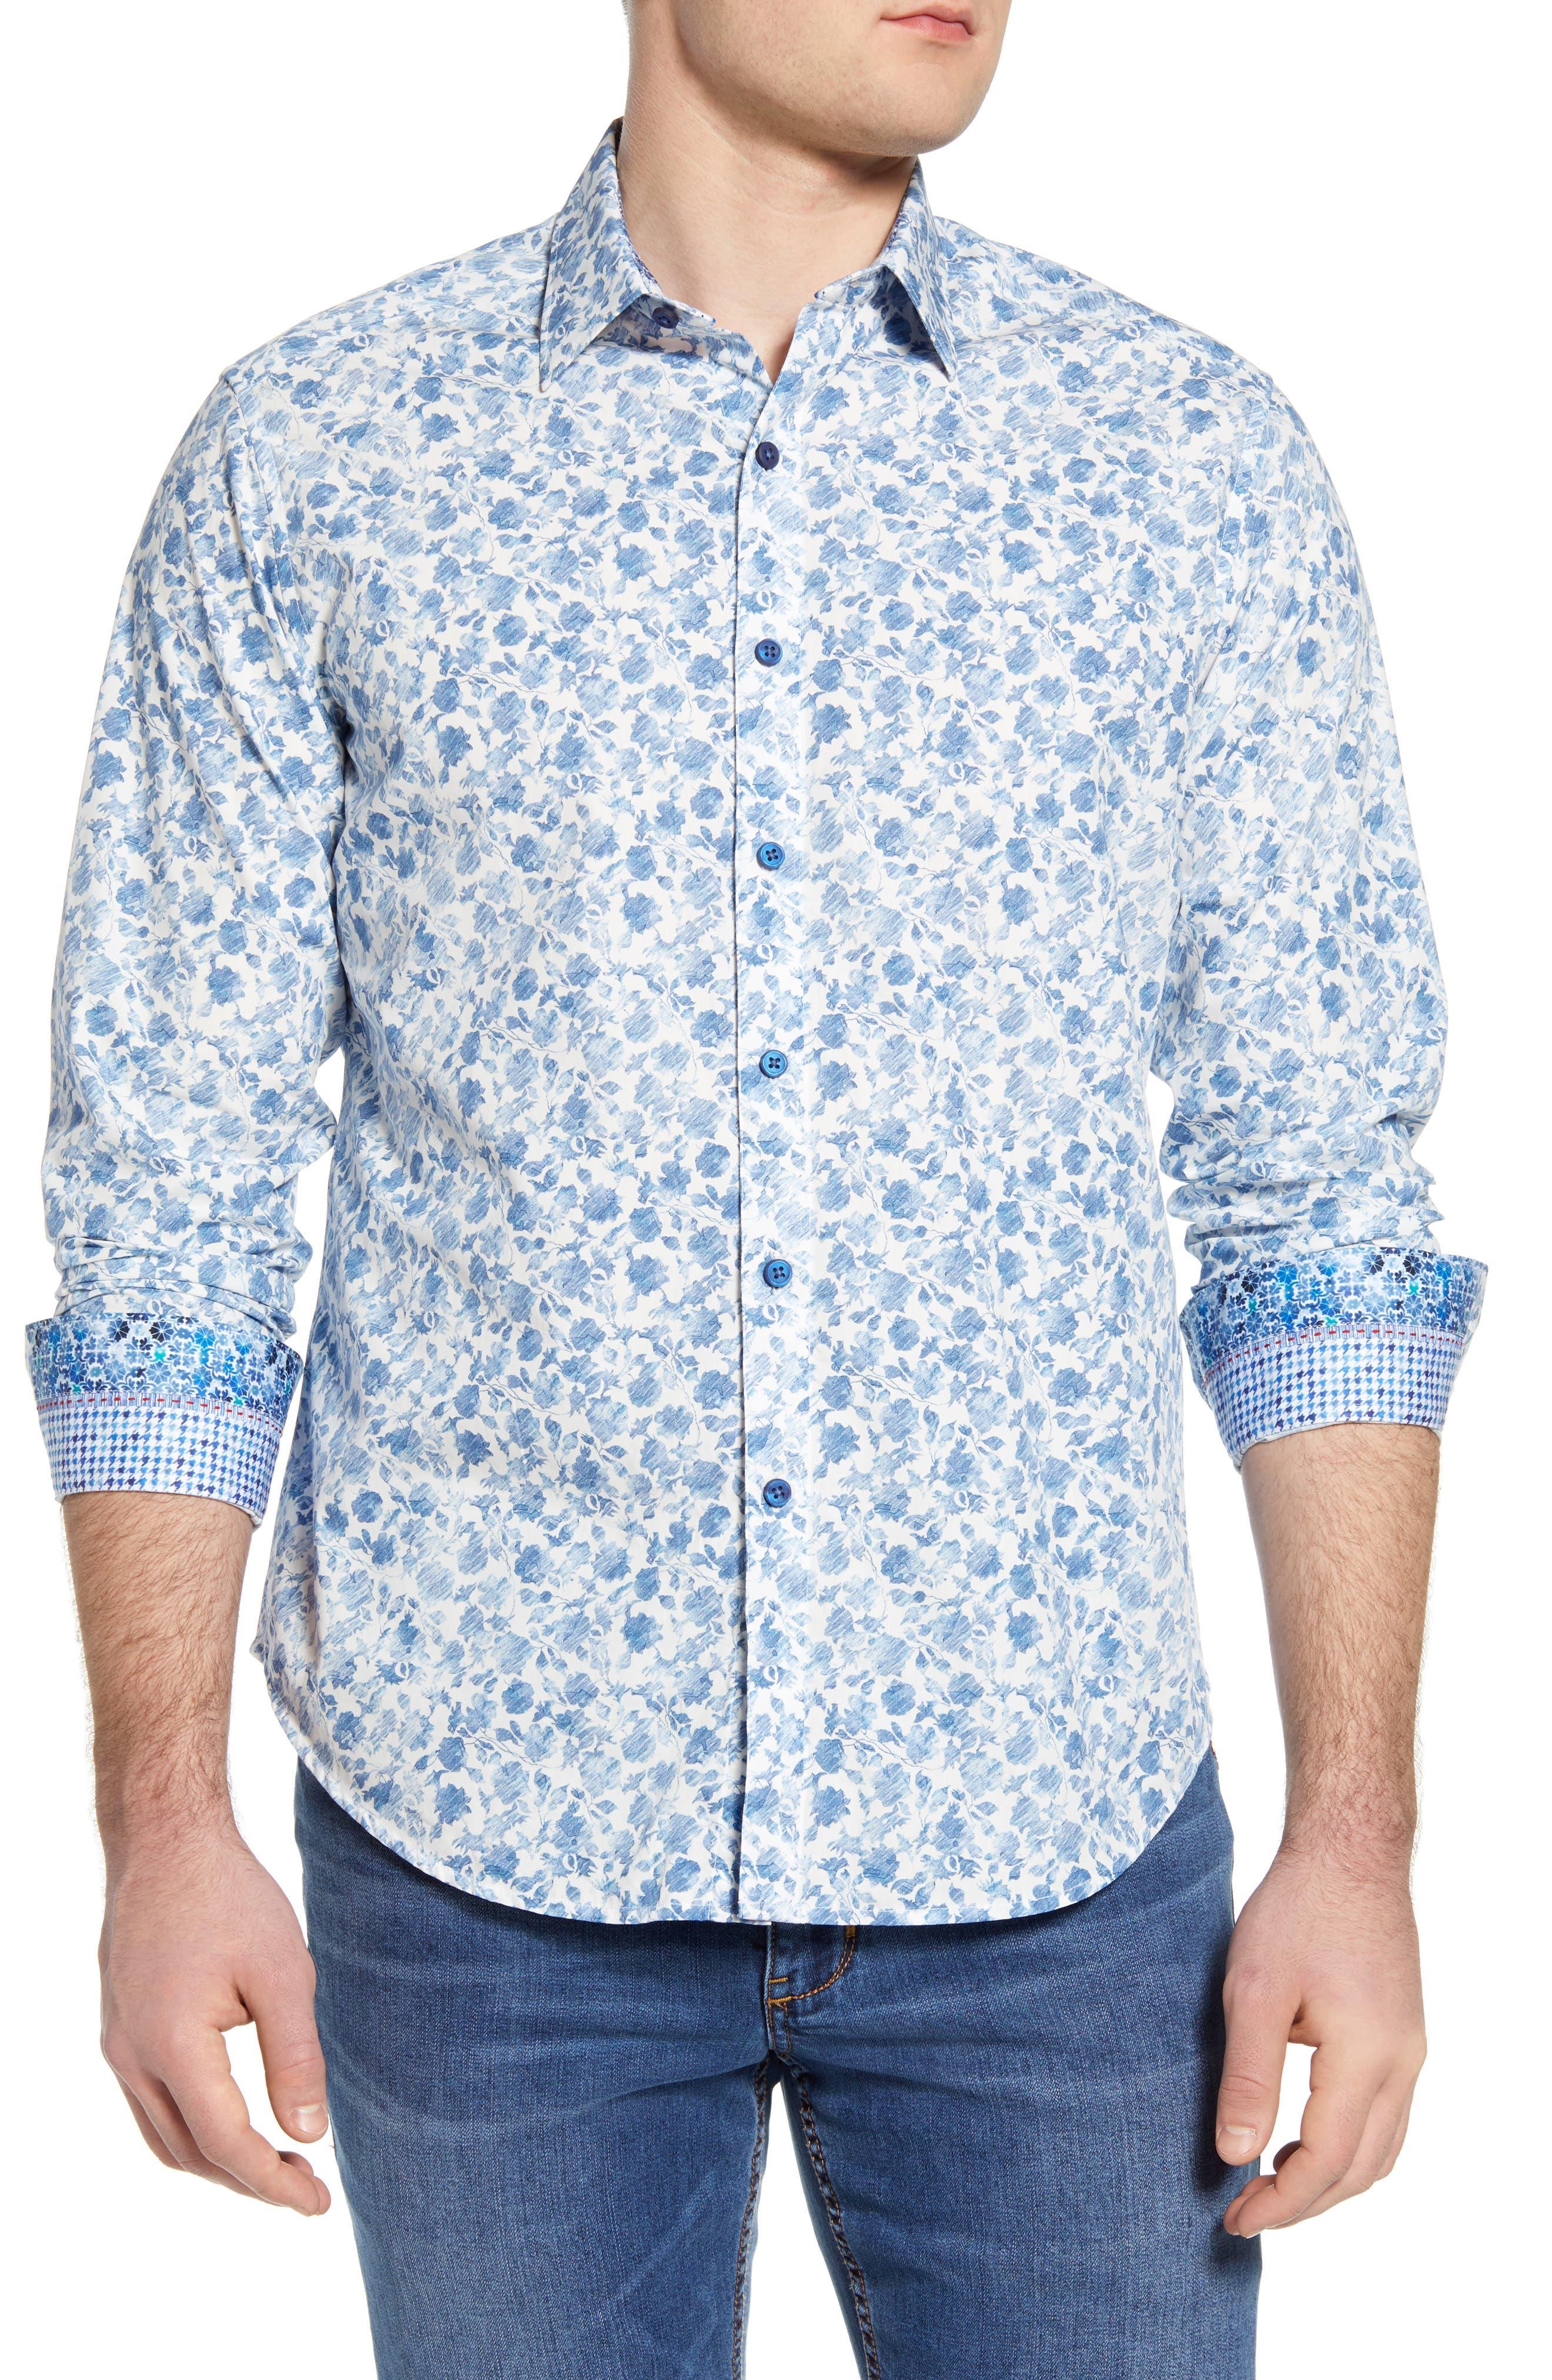 Image of Robert Graham Edelweiss Long Sleeve Woven Shirt